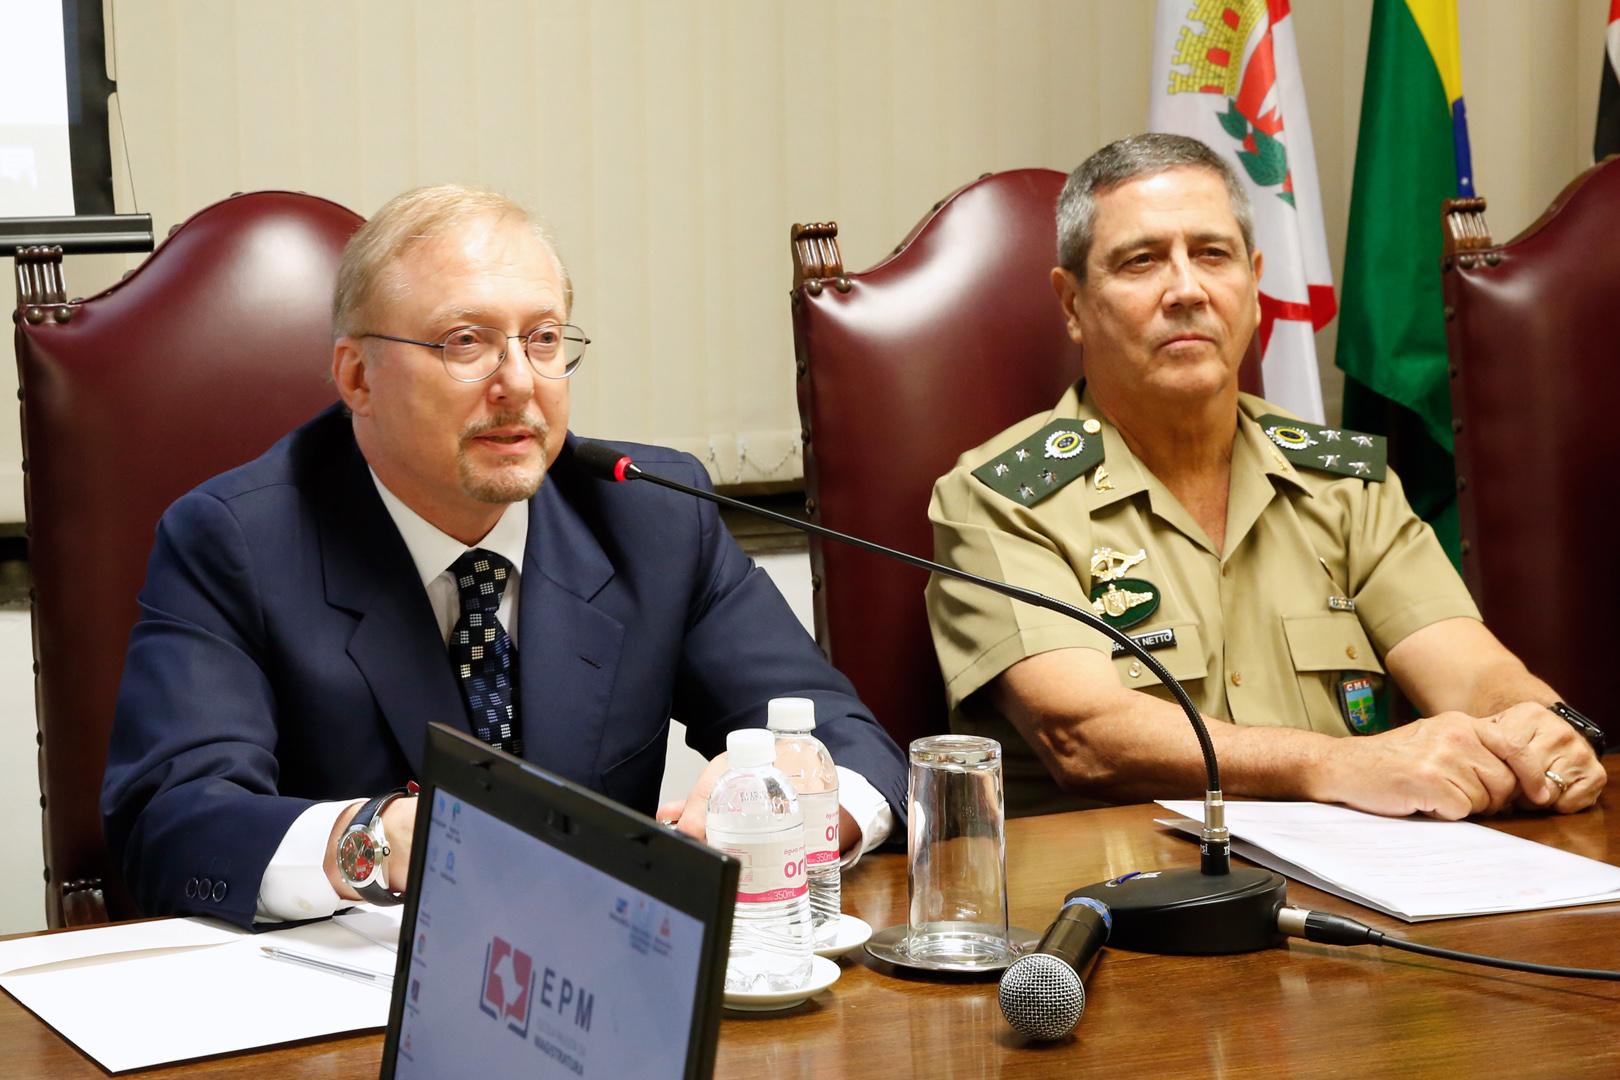 Intervenção Federal no Rio de Janeiro é debatida em palestra na EPM